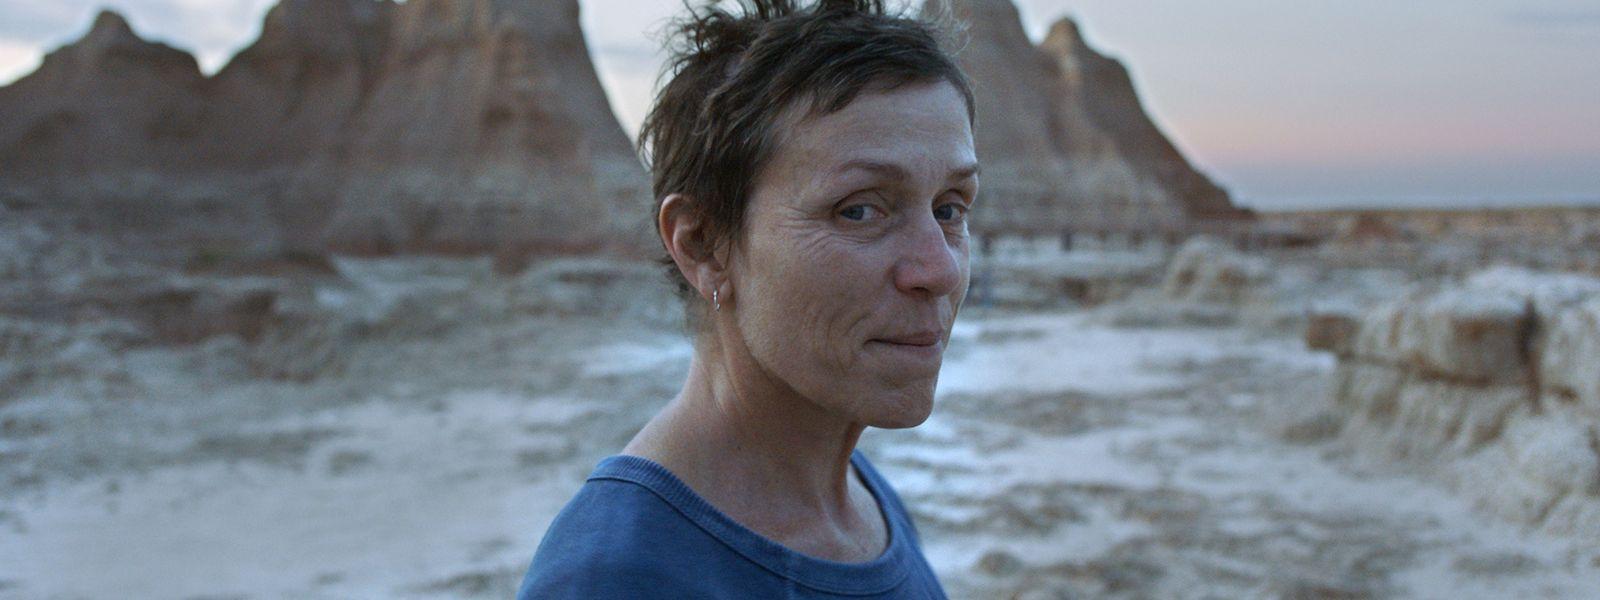 """Frances McDormand als Fern in einer Szene des Films """"Nomadland"""" der in China geborenen Regisseurin Zhao."""